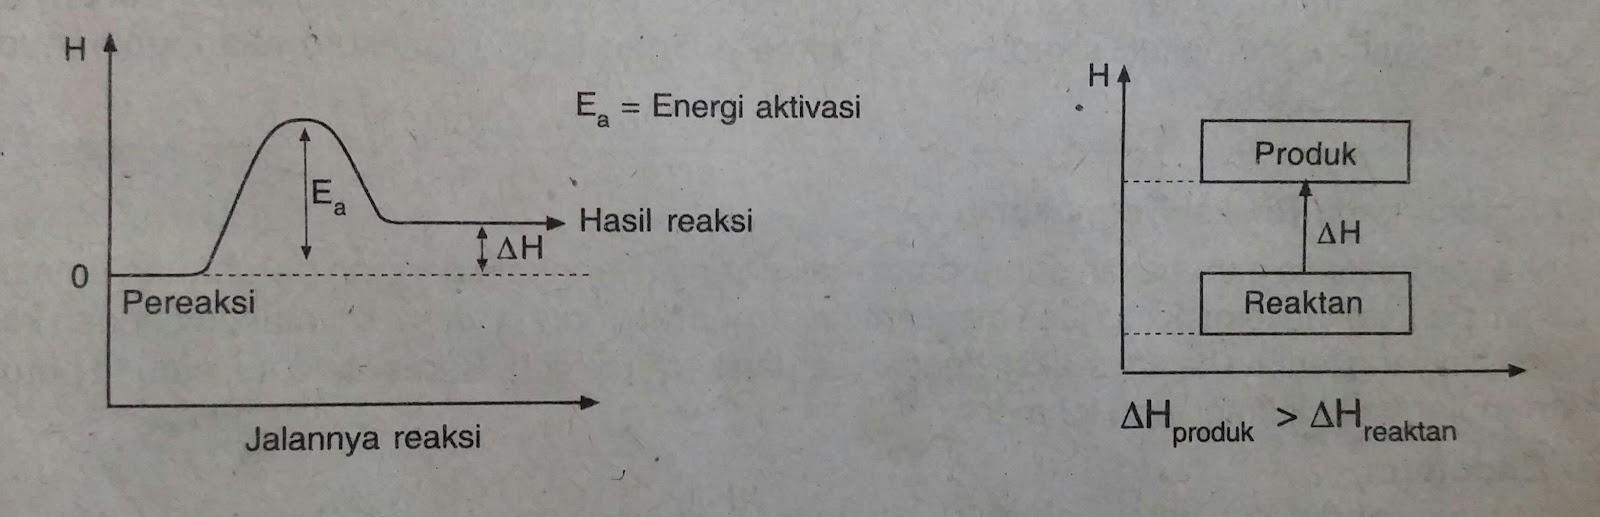 Sistem lingkungan energi dalam entalpi dan reaksi termokimia diagram tingkat energinya ccuart Gallery